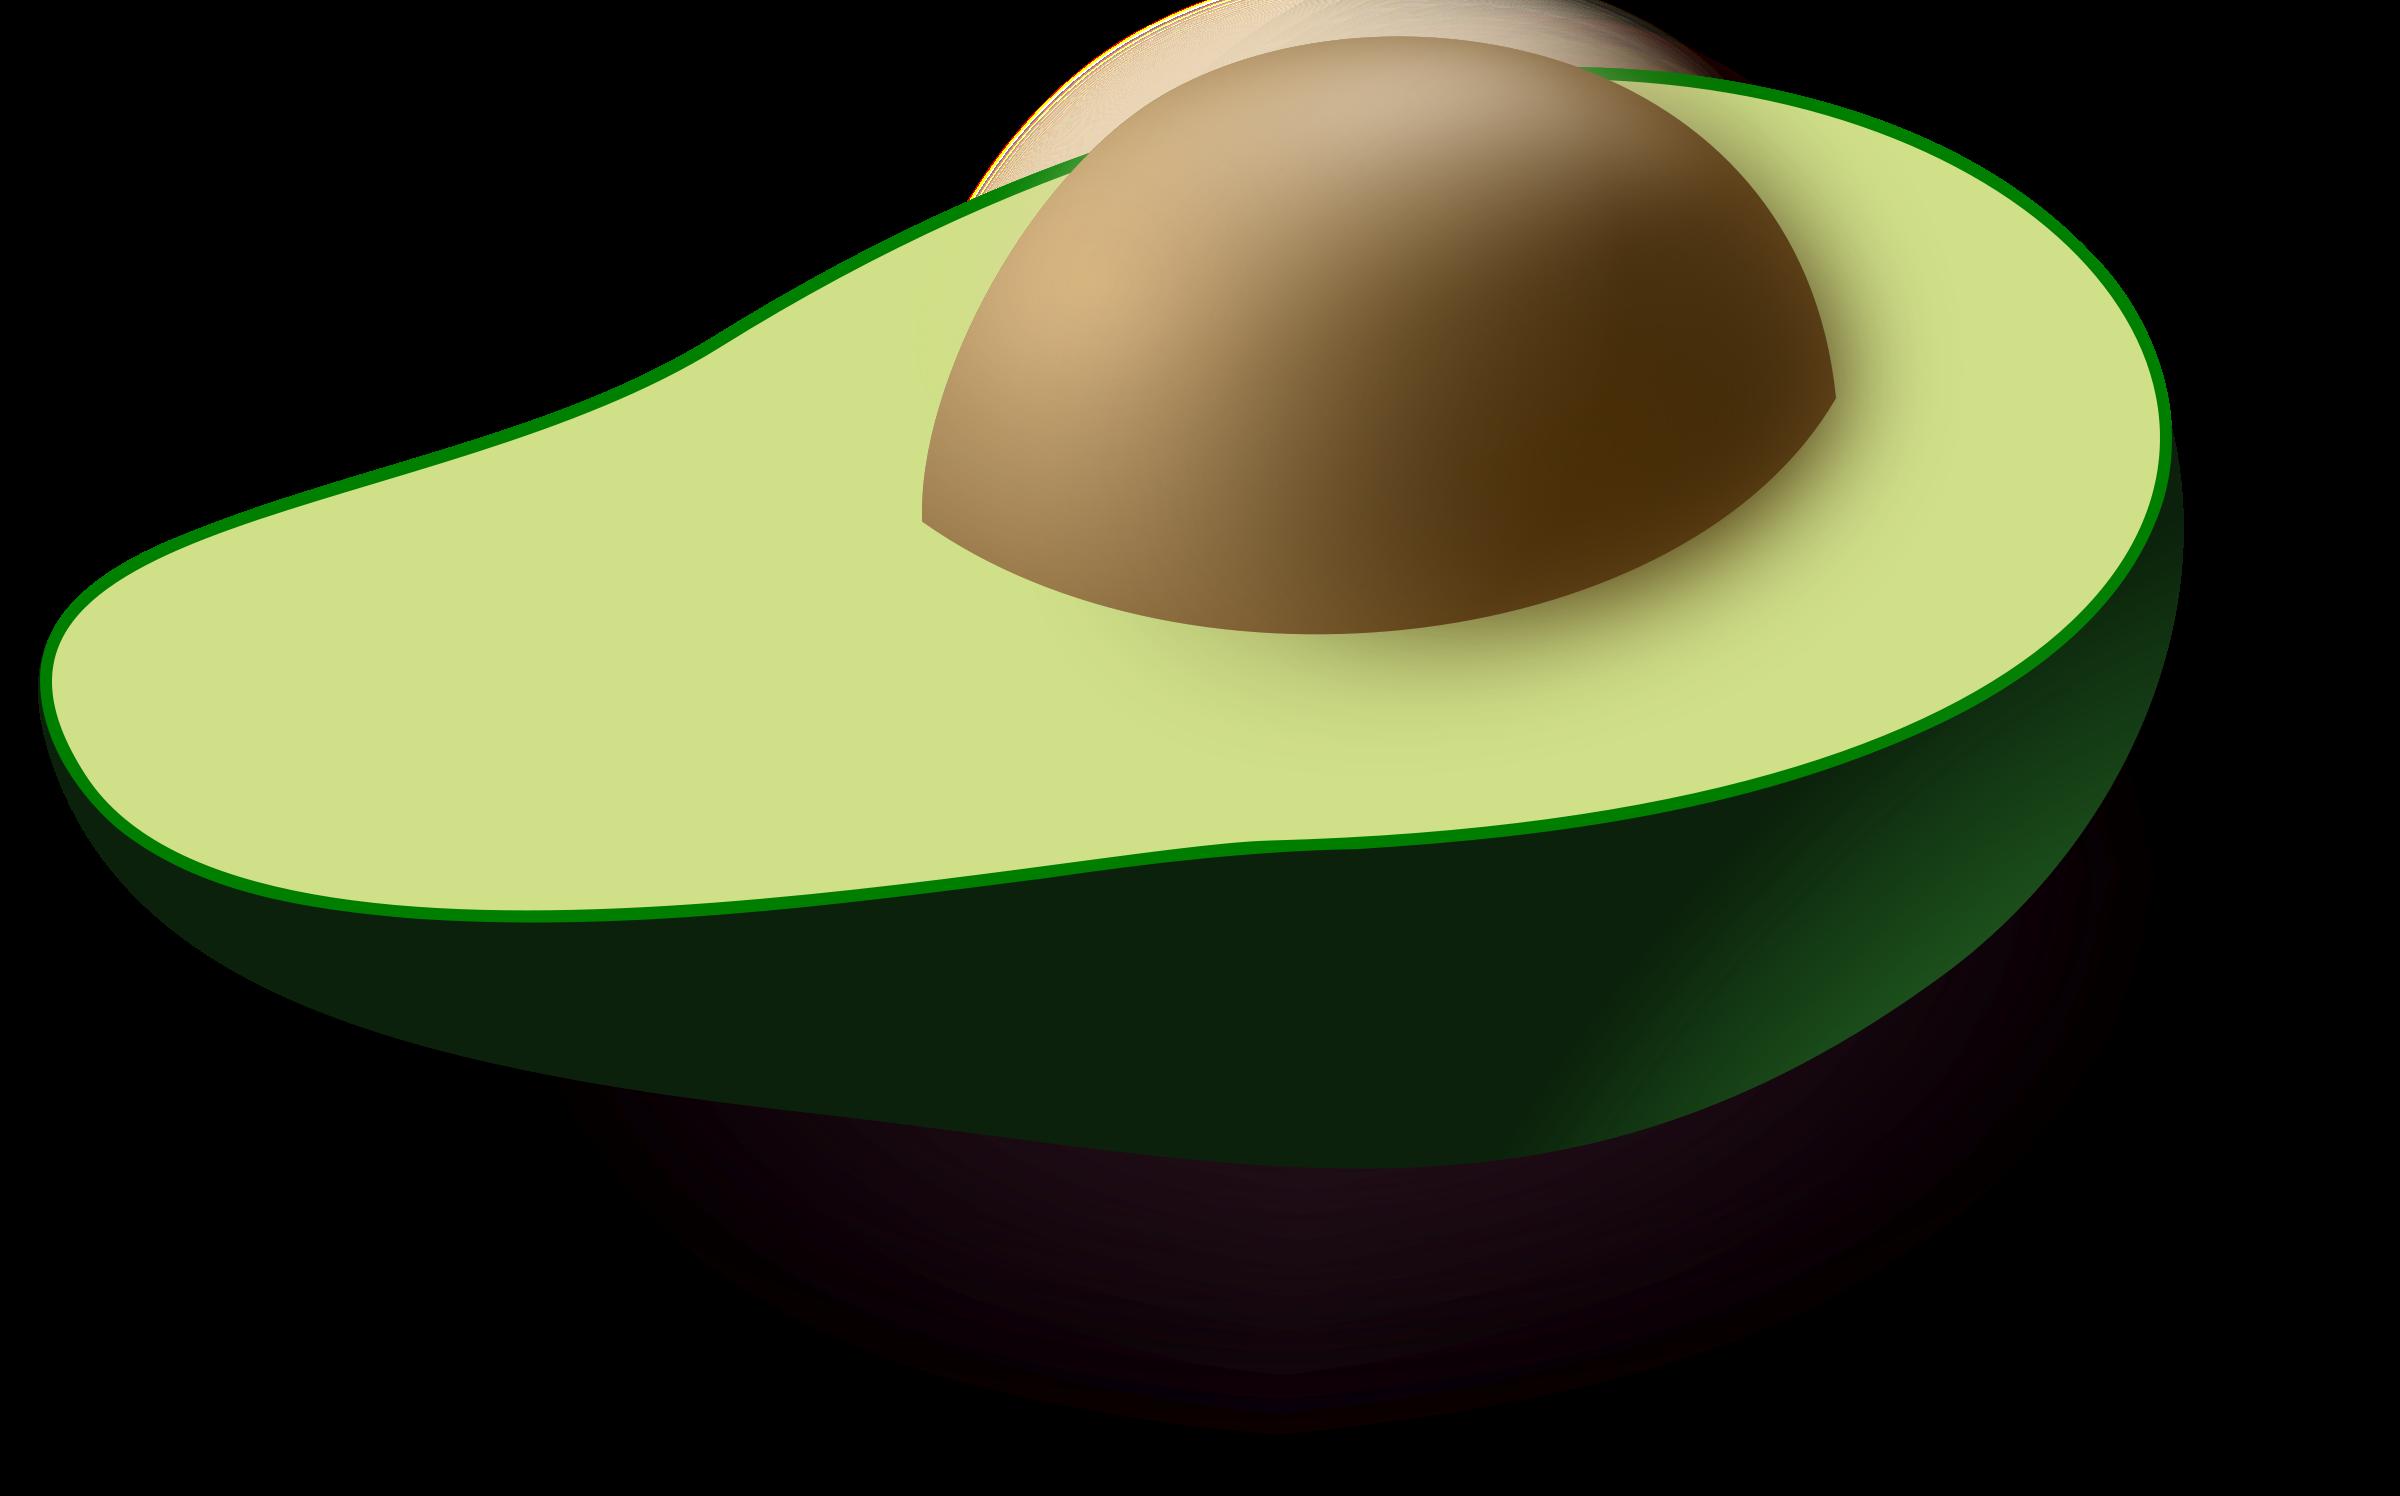 Avocado clipart sayur Panda Clipart Avocado Clipart 20clipart